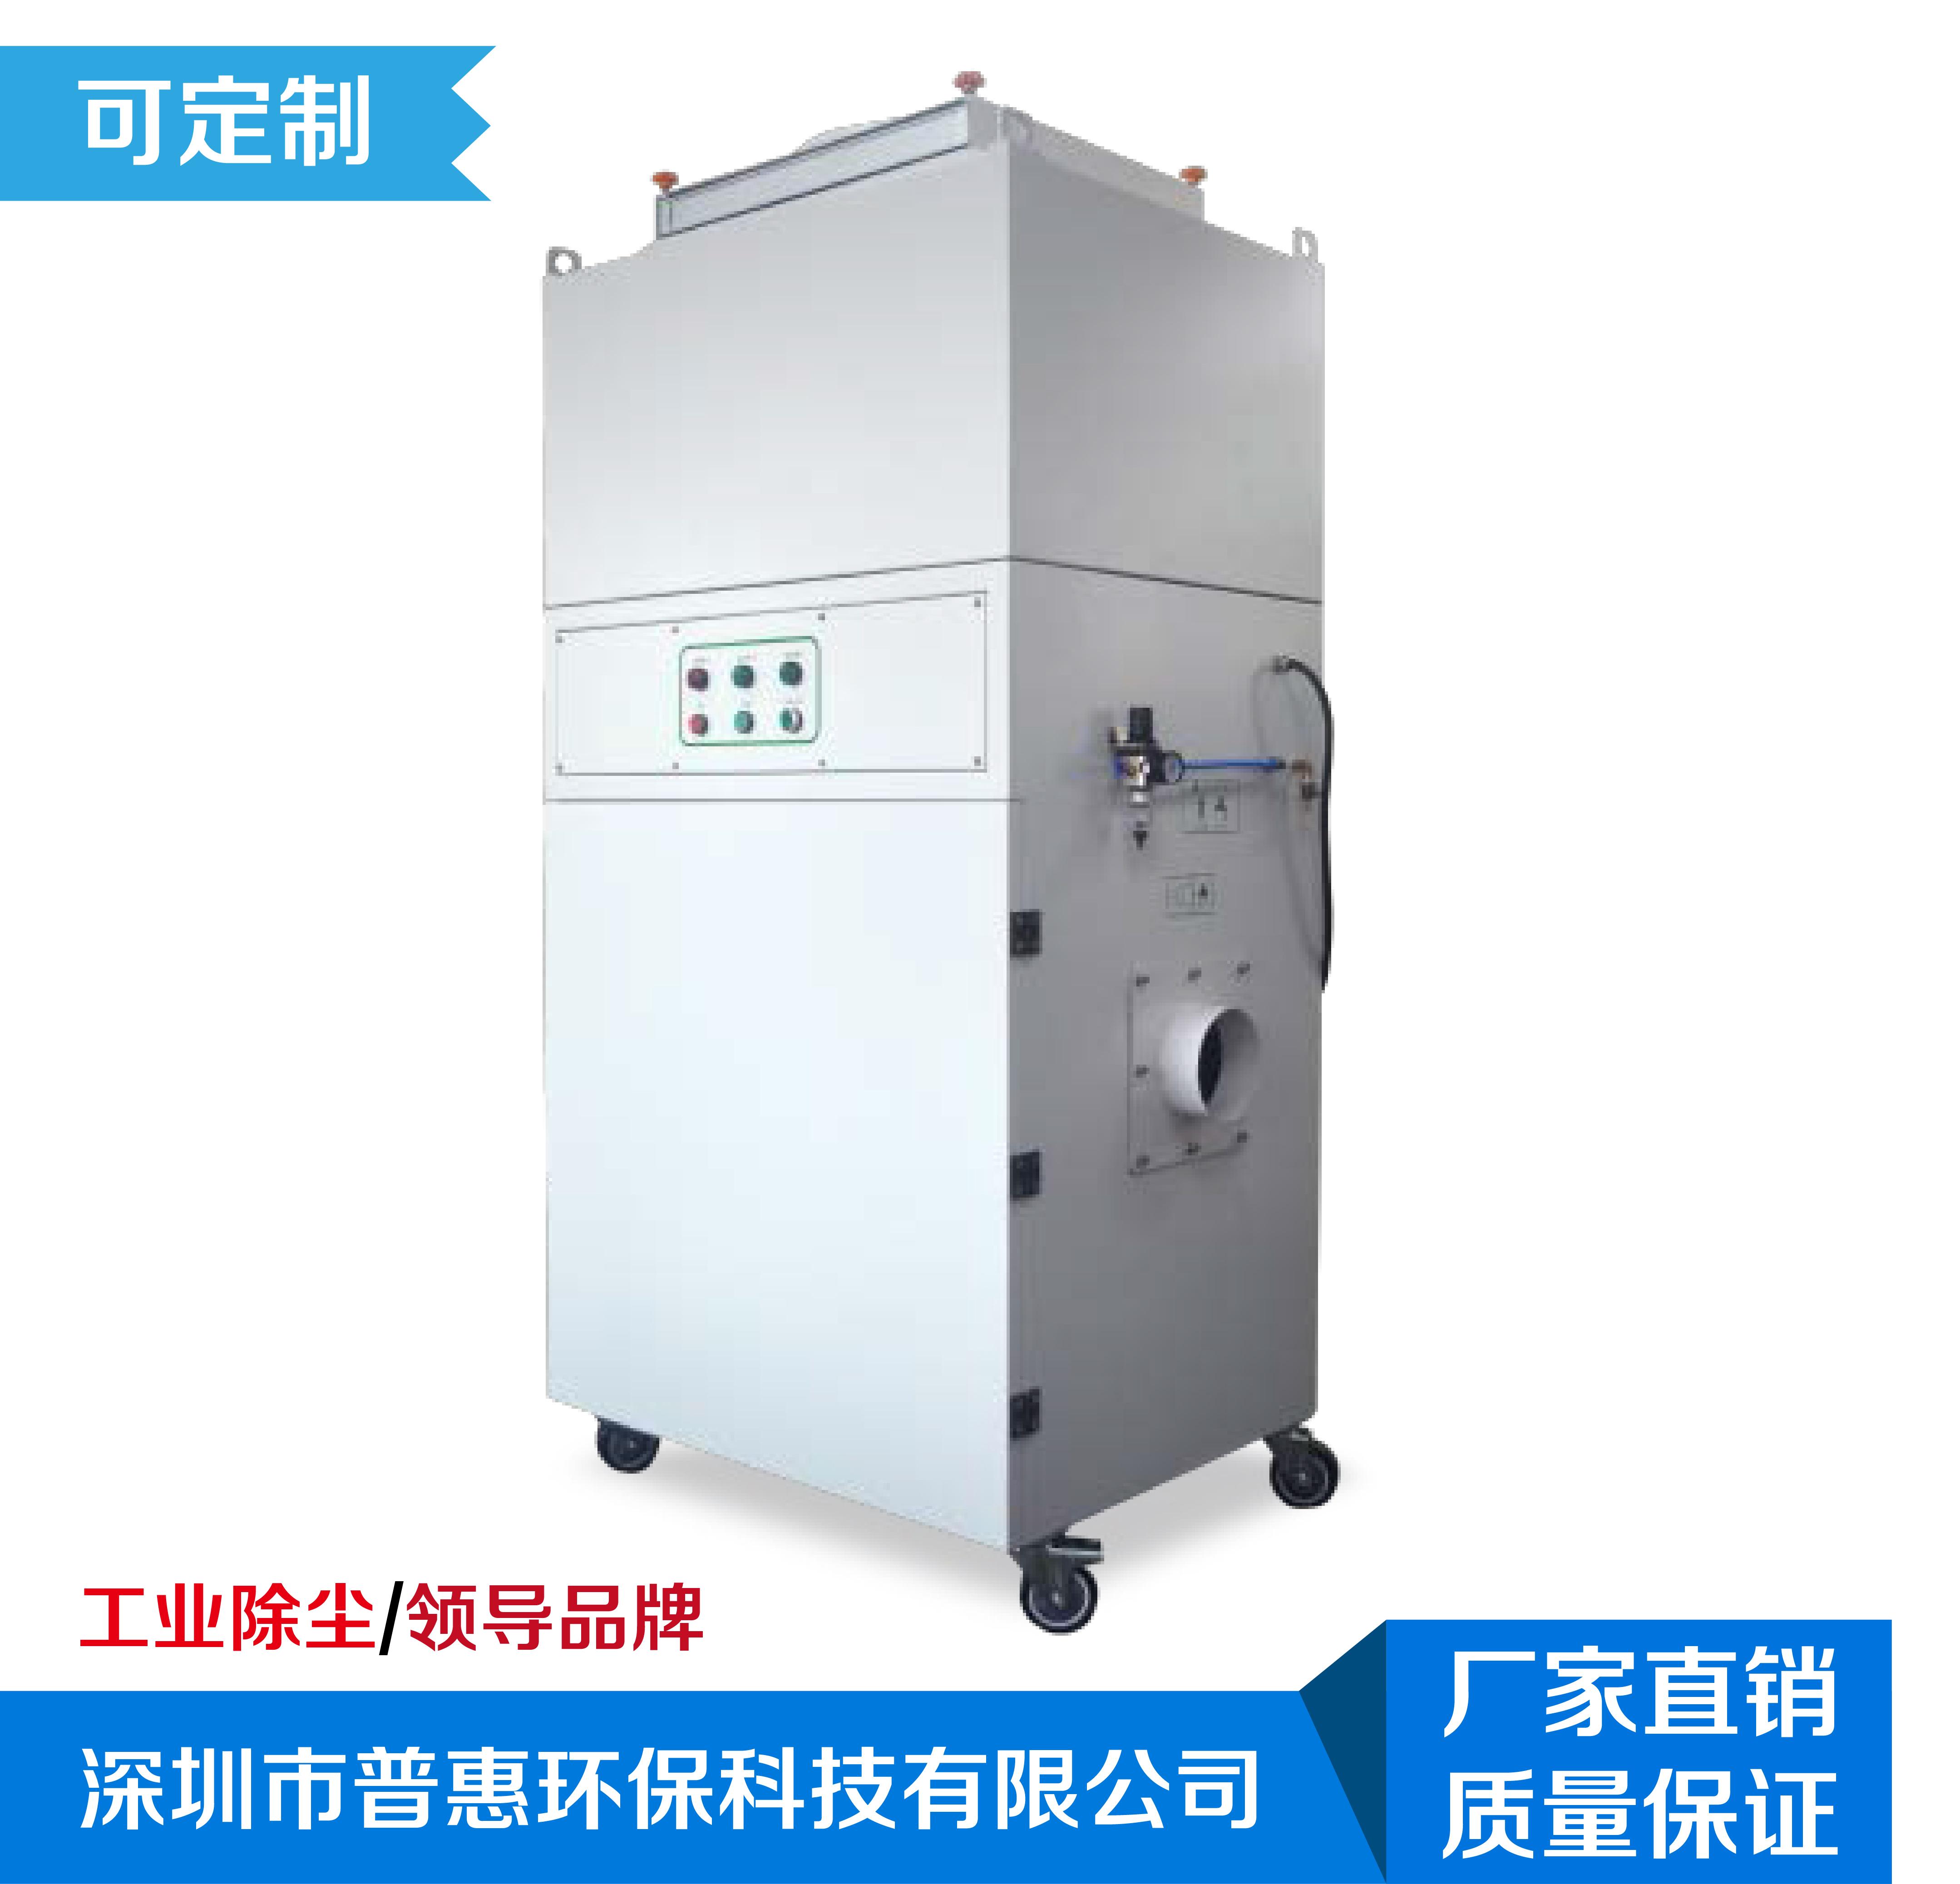 大功率工业吸尘器_工厂用吸尘器价格_工业吸尘器十大品牌-工业集尘器